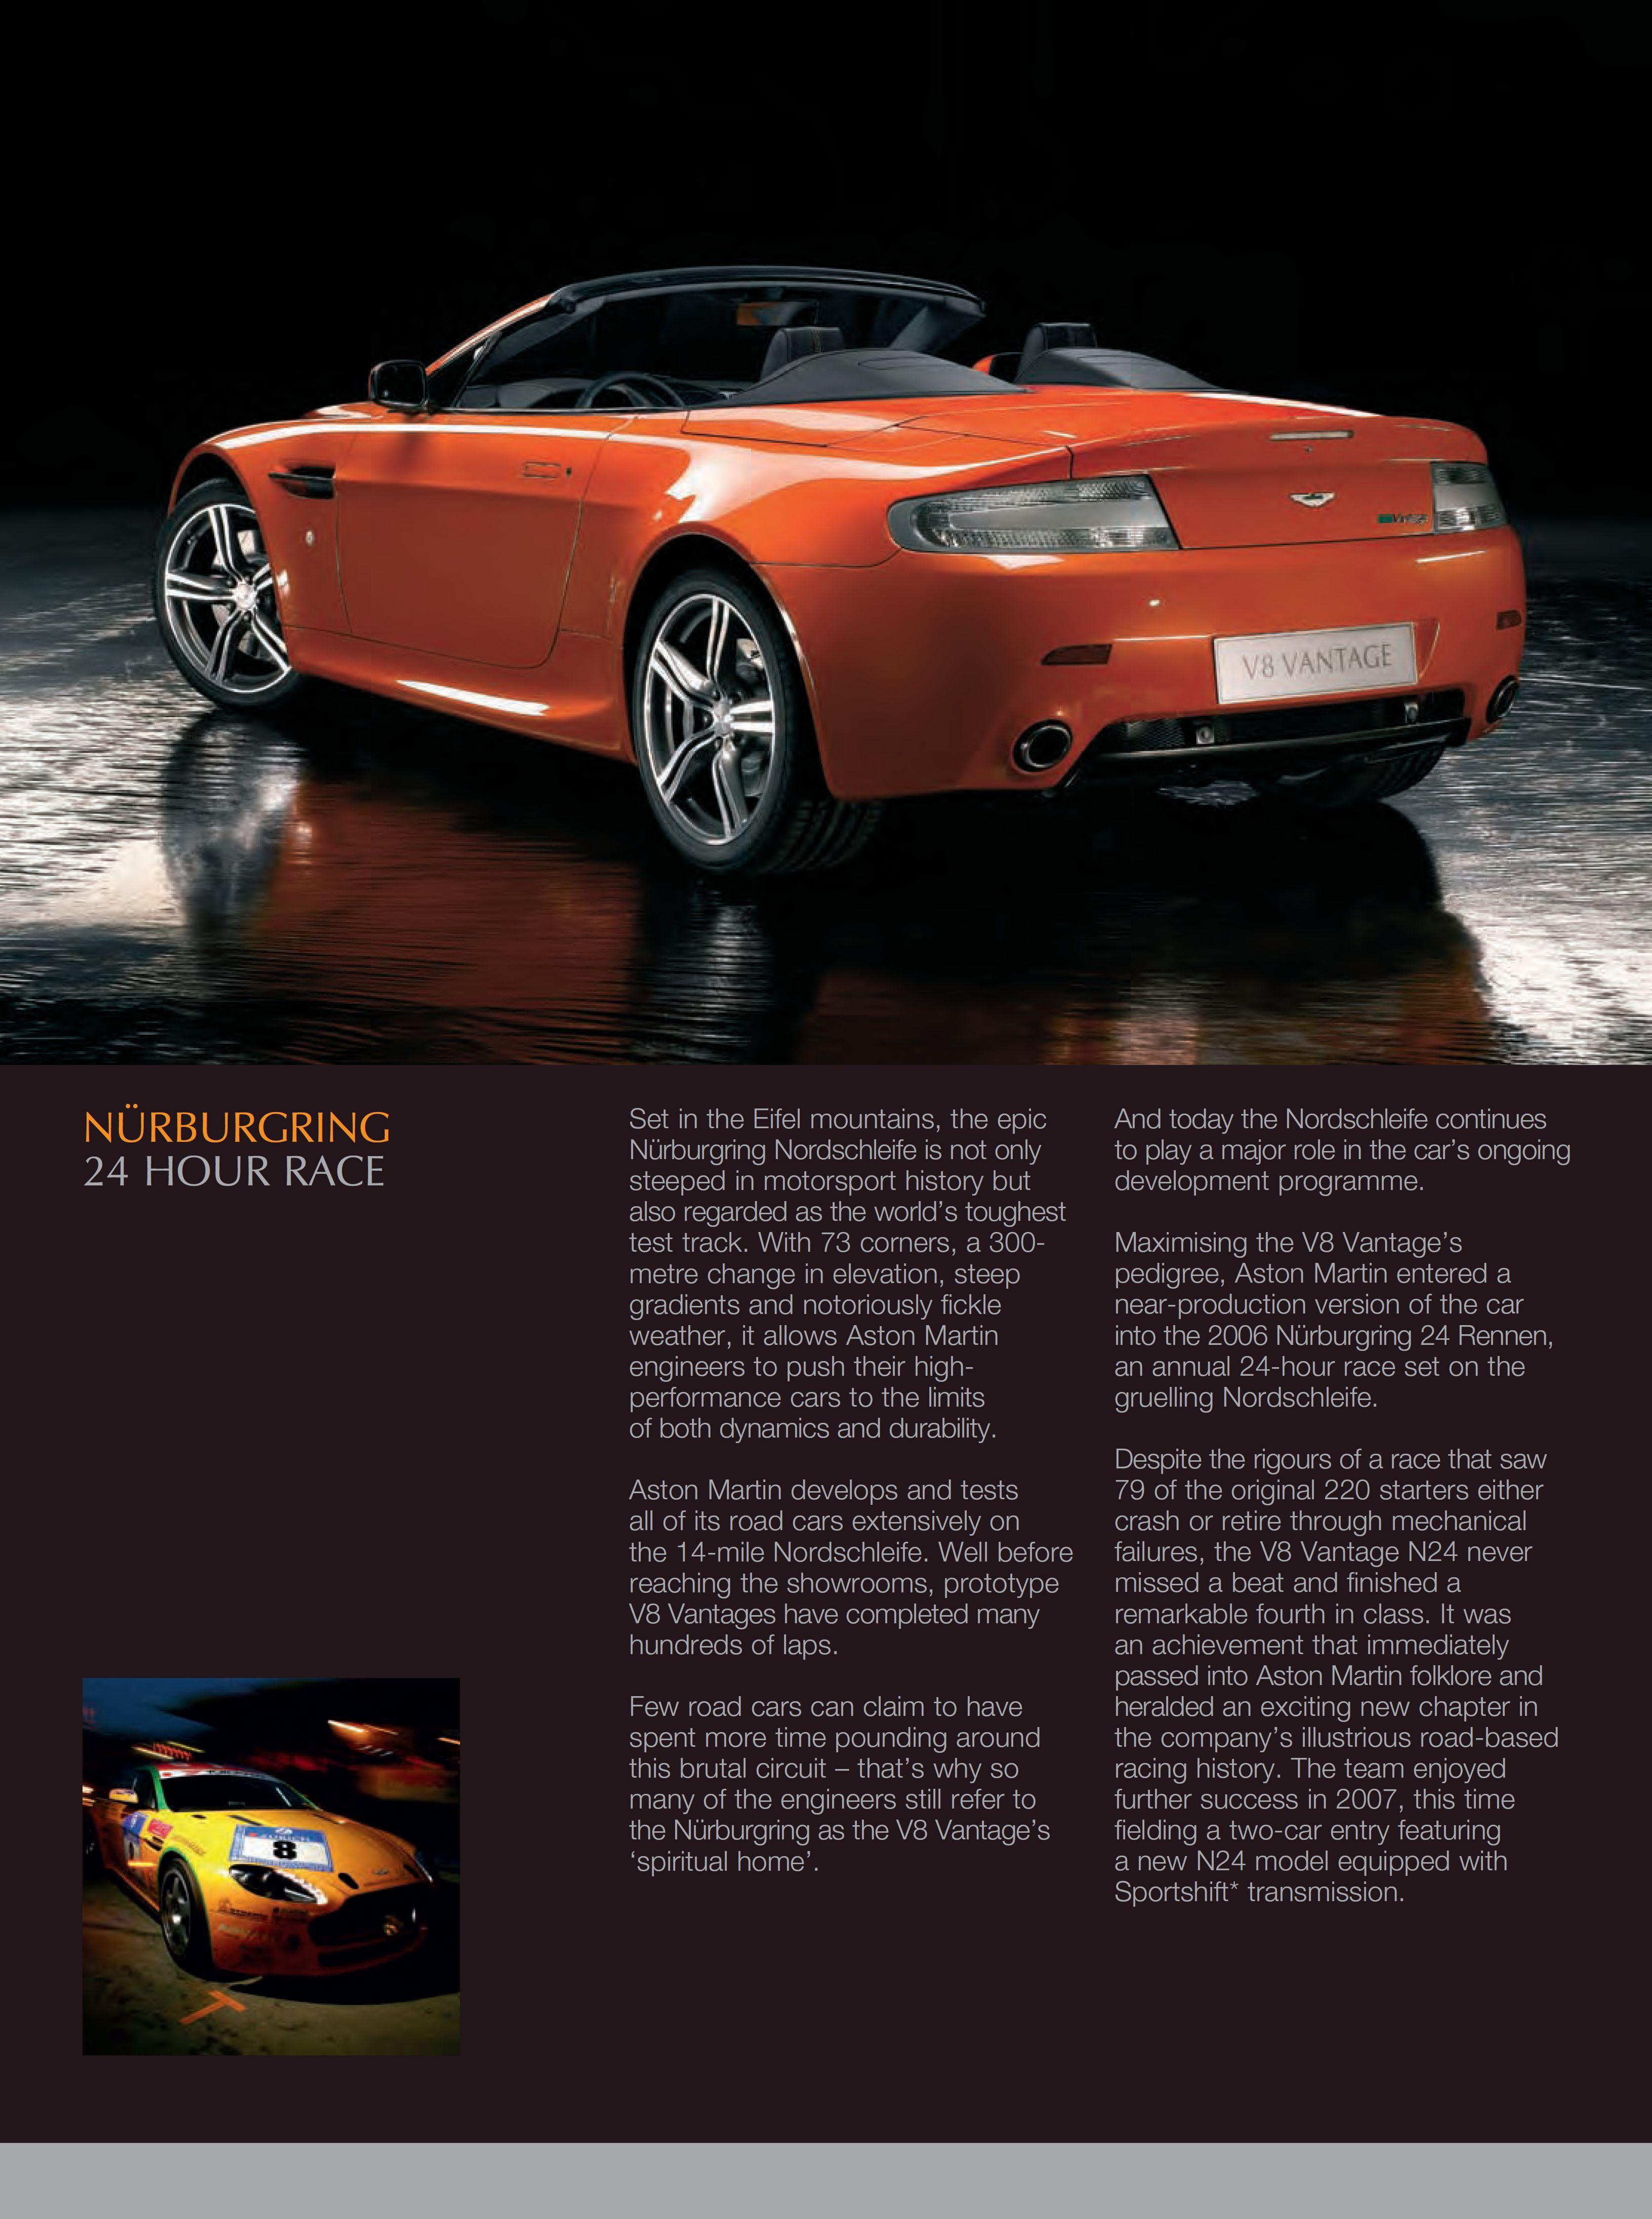 2007 Aston Martin V8 Vantage N400 brochure